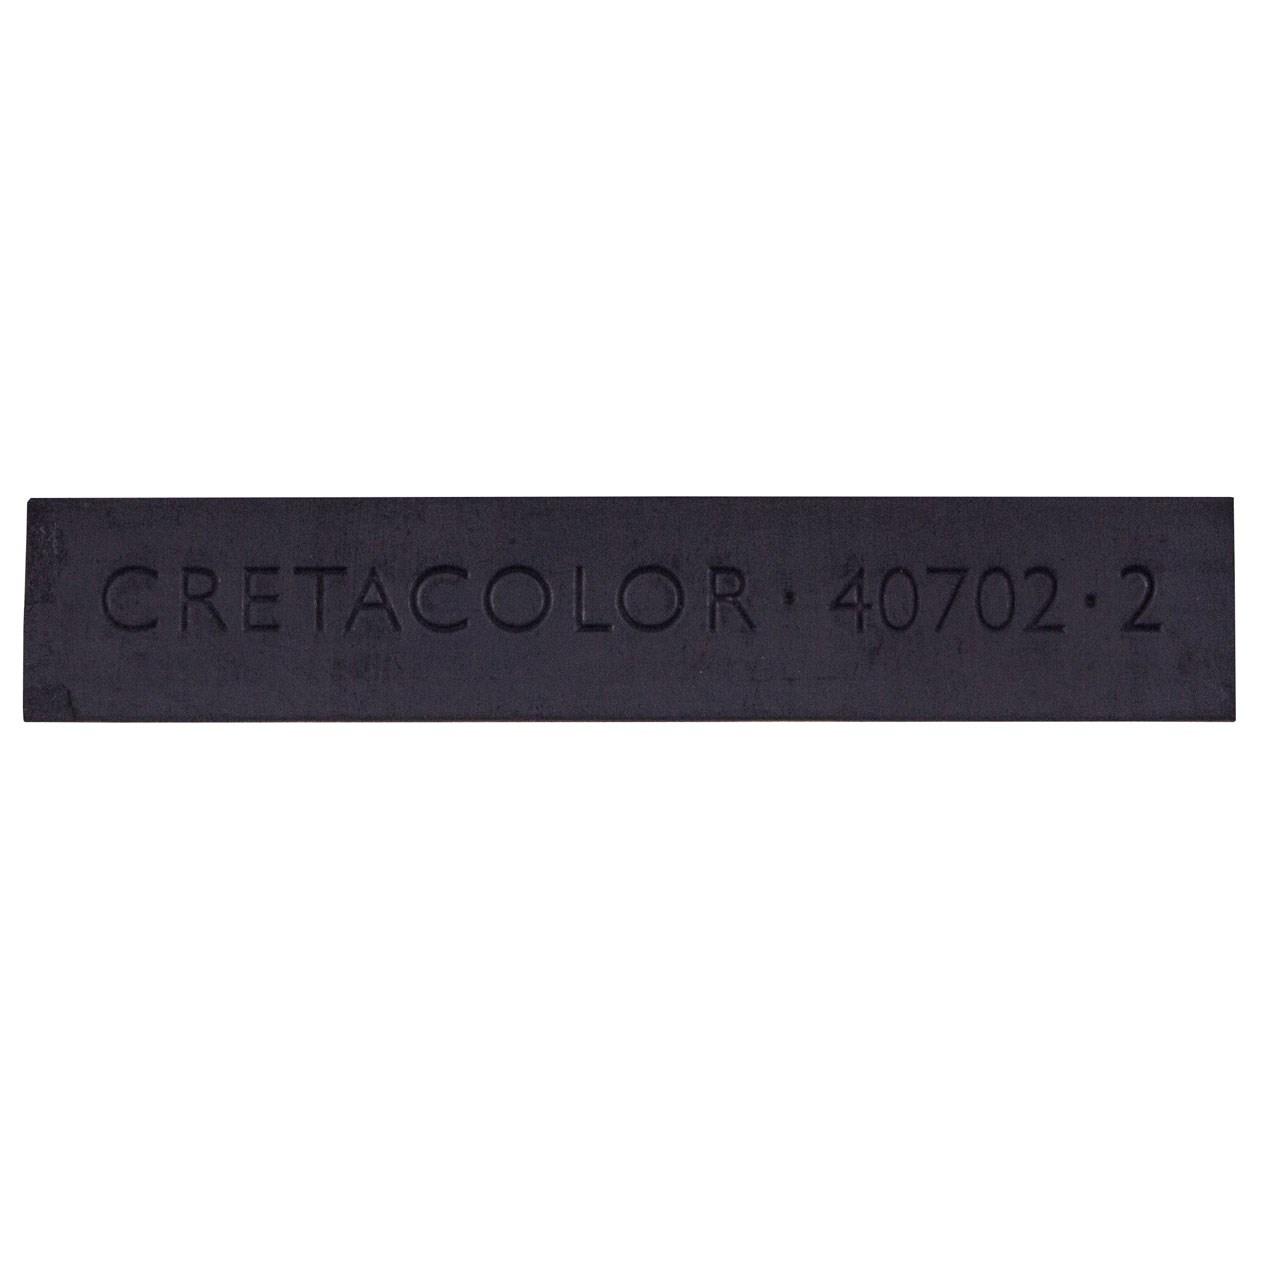 زغال طراحی کرتاکالر مدل 40702 بسته 6 عددی